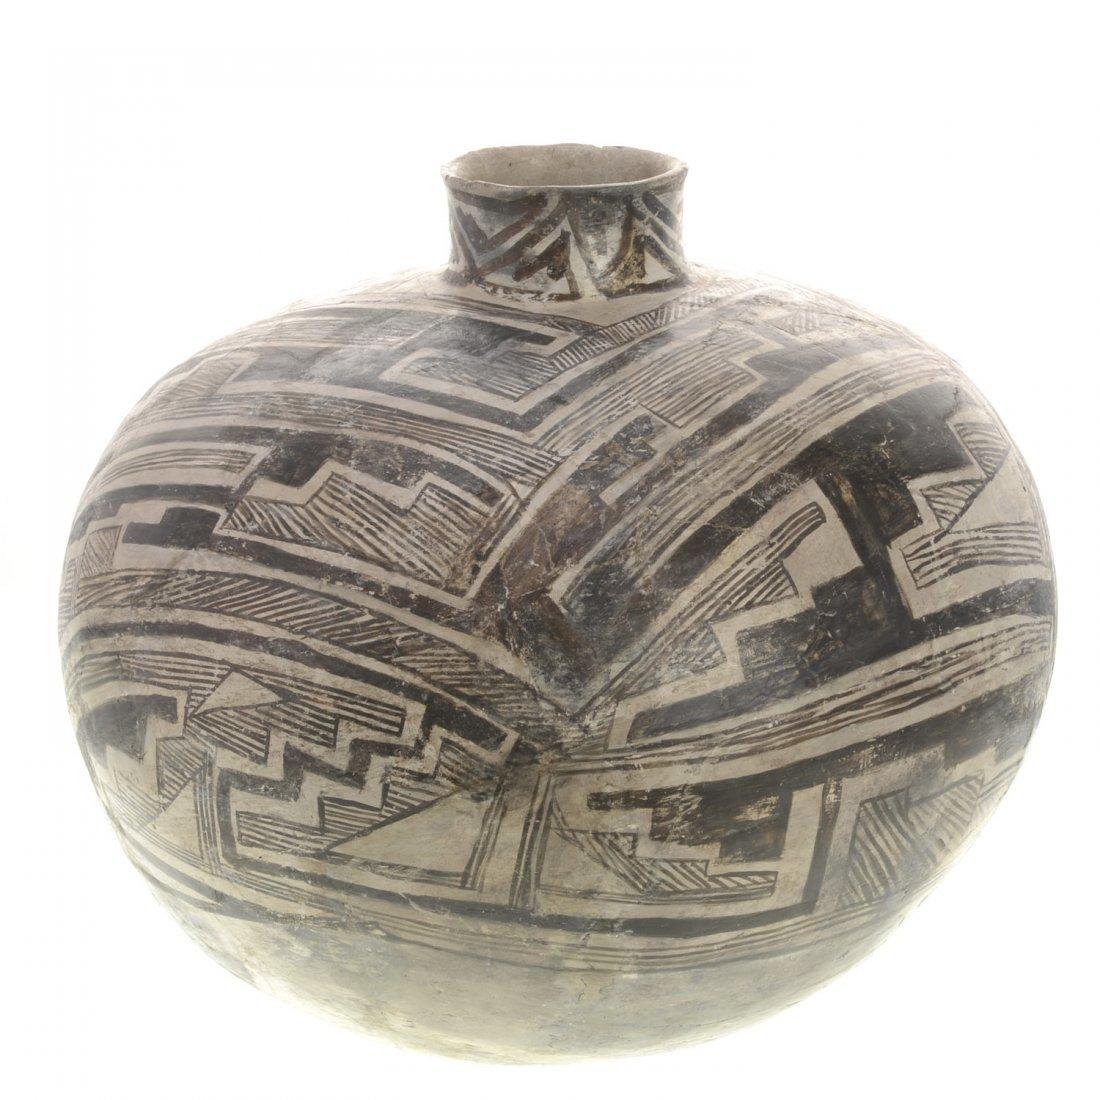 Large Anasazi earthenware Olla